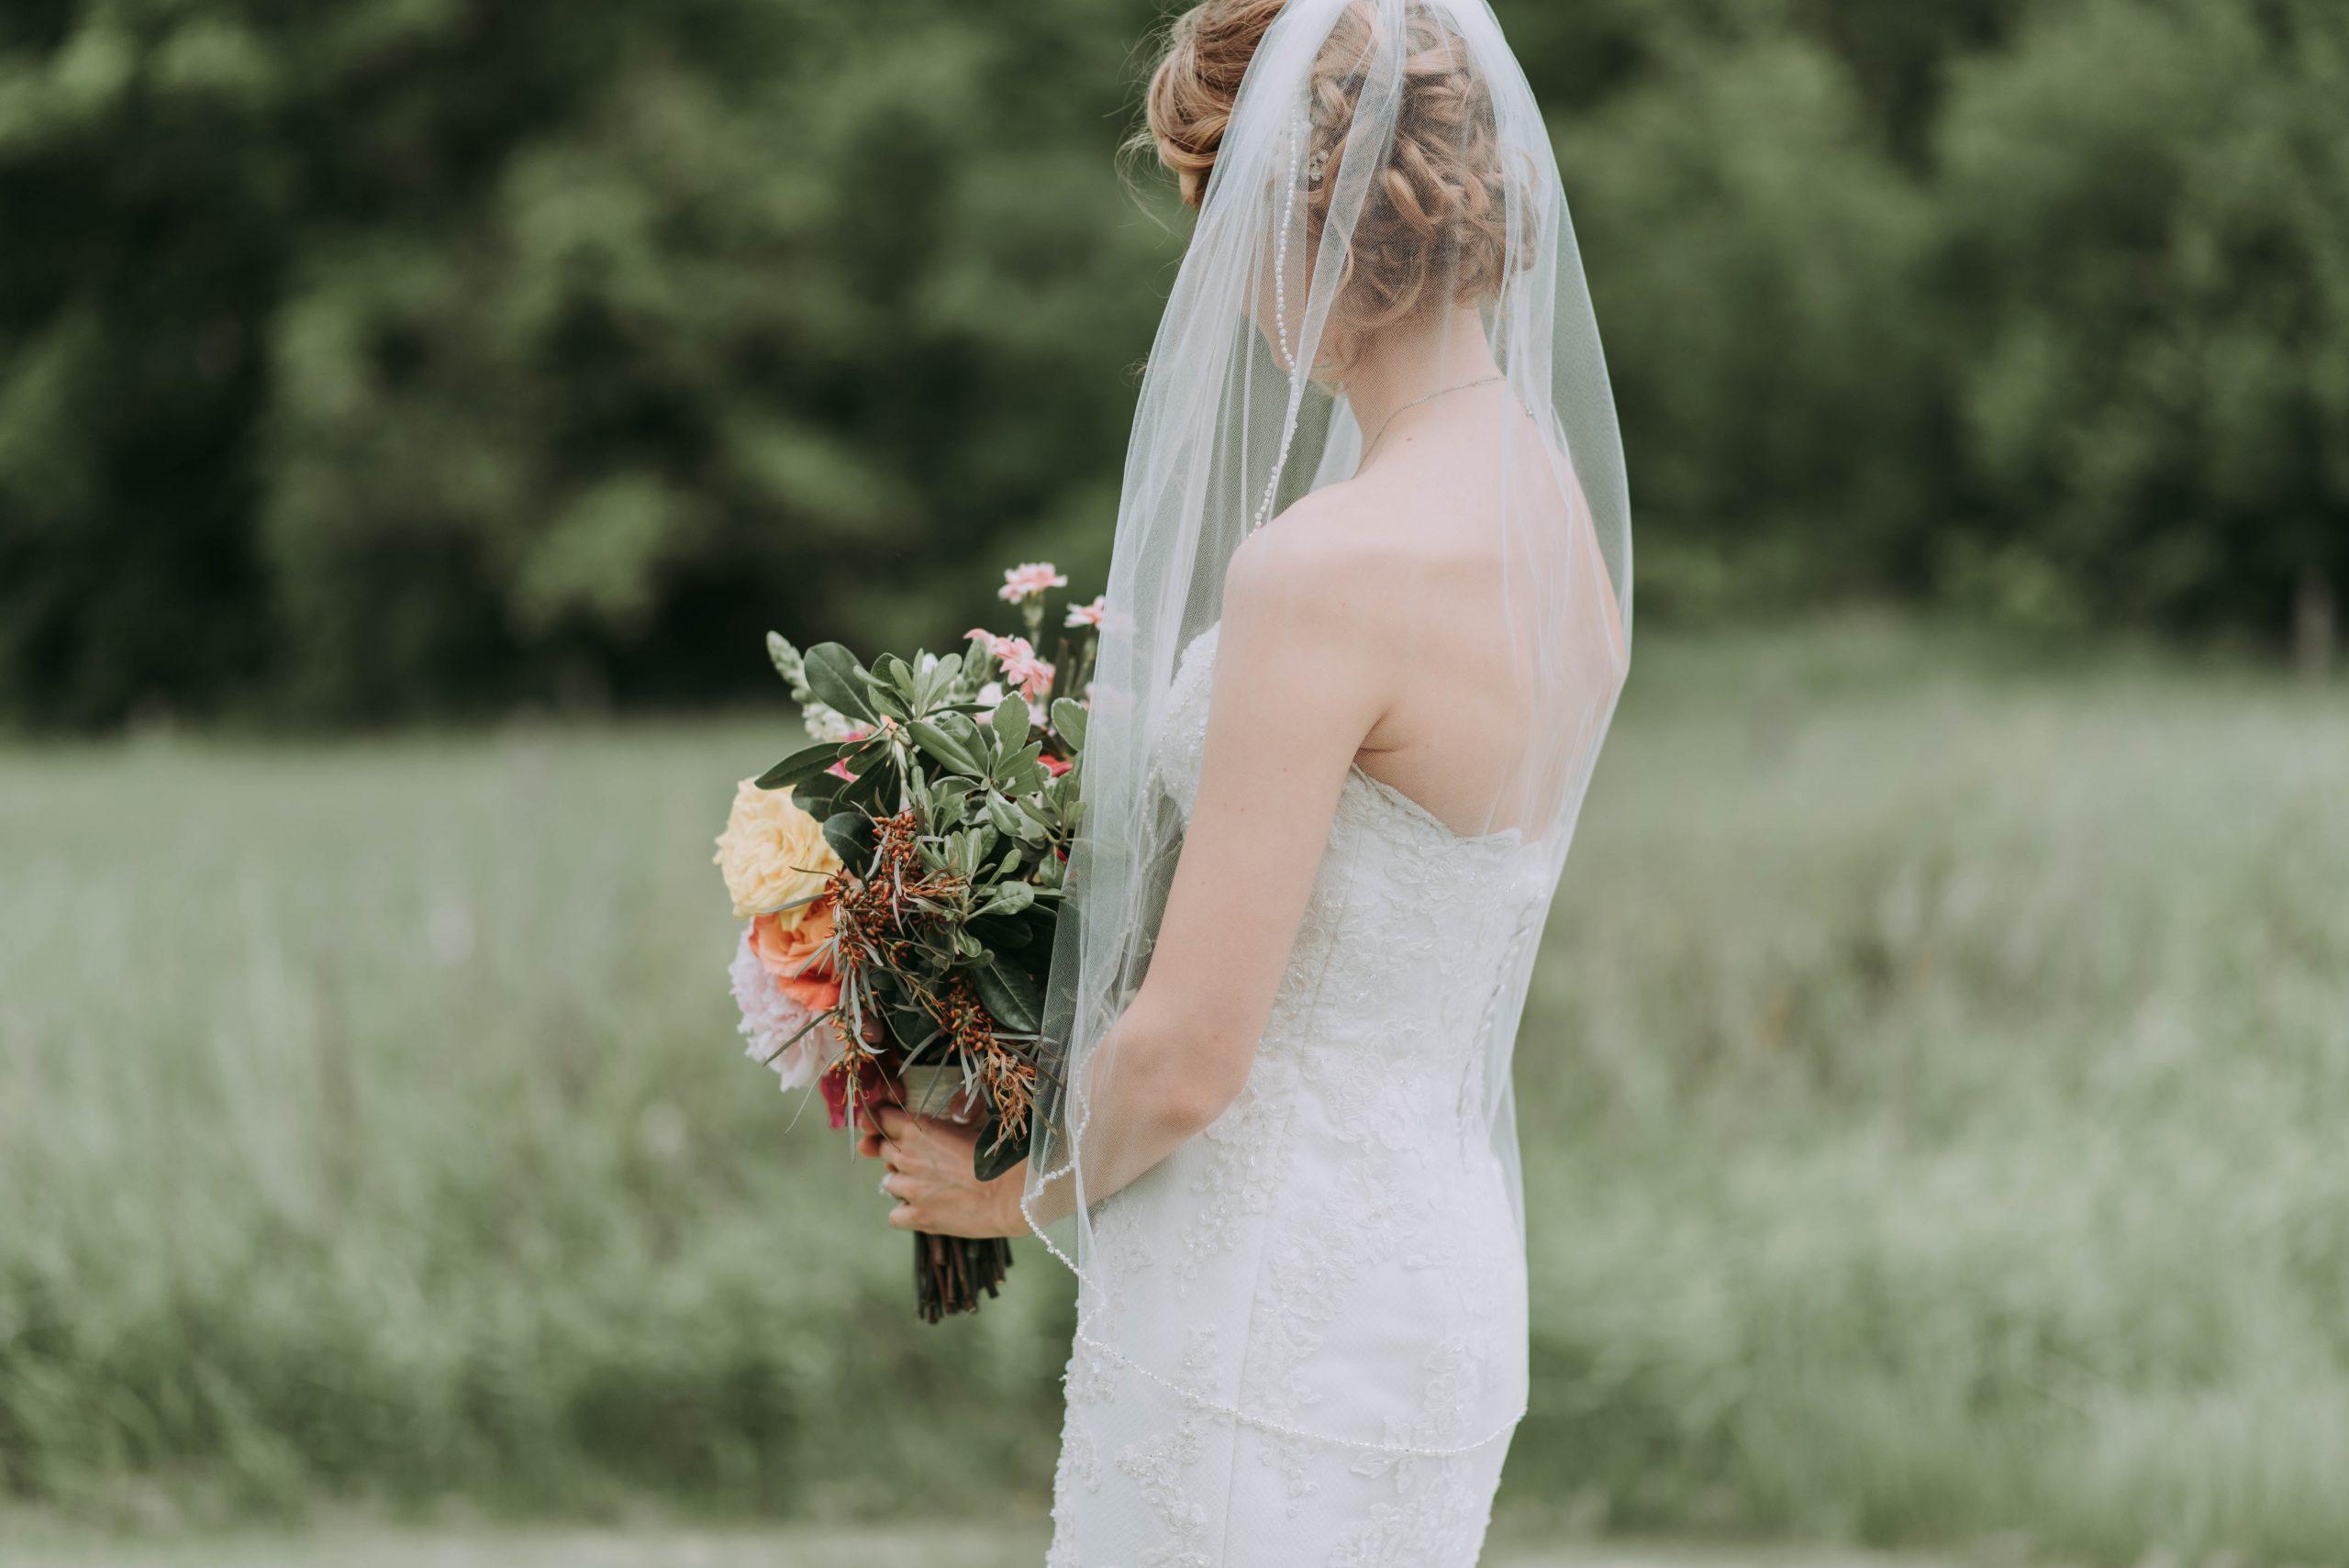 Comment le coronavirus impacte l'industrie du mariage ?